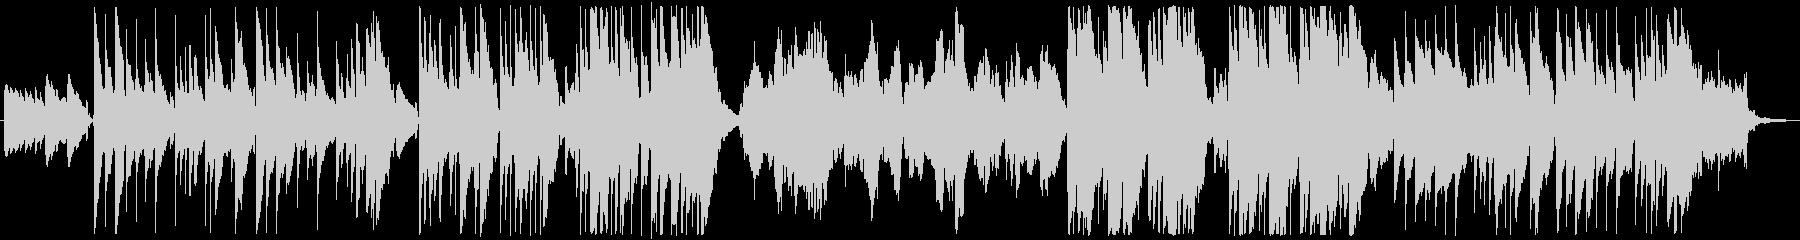 ほのぼのギターデュオ+チェロのインストの未再生の波形